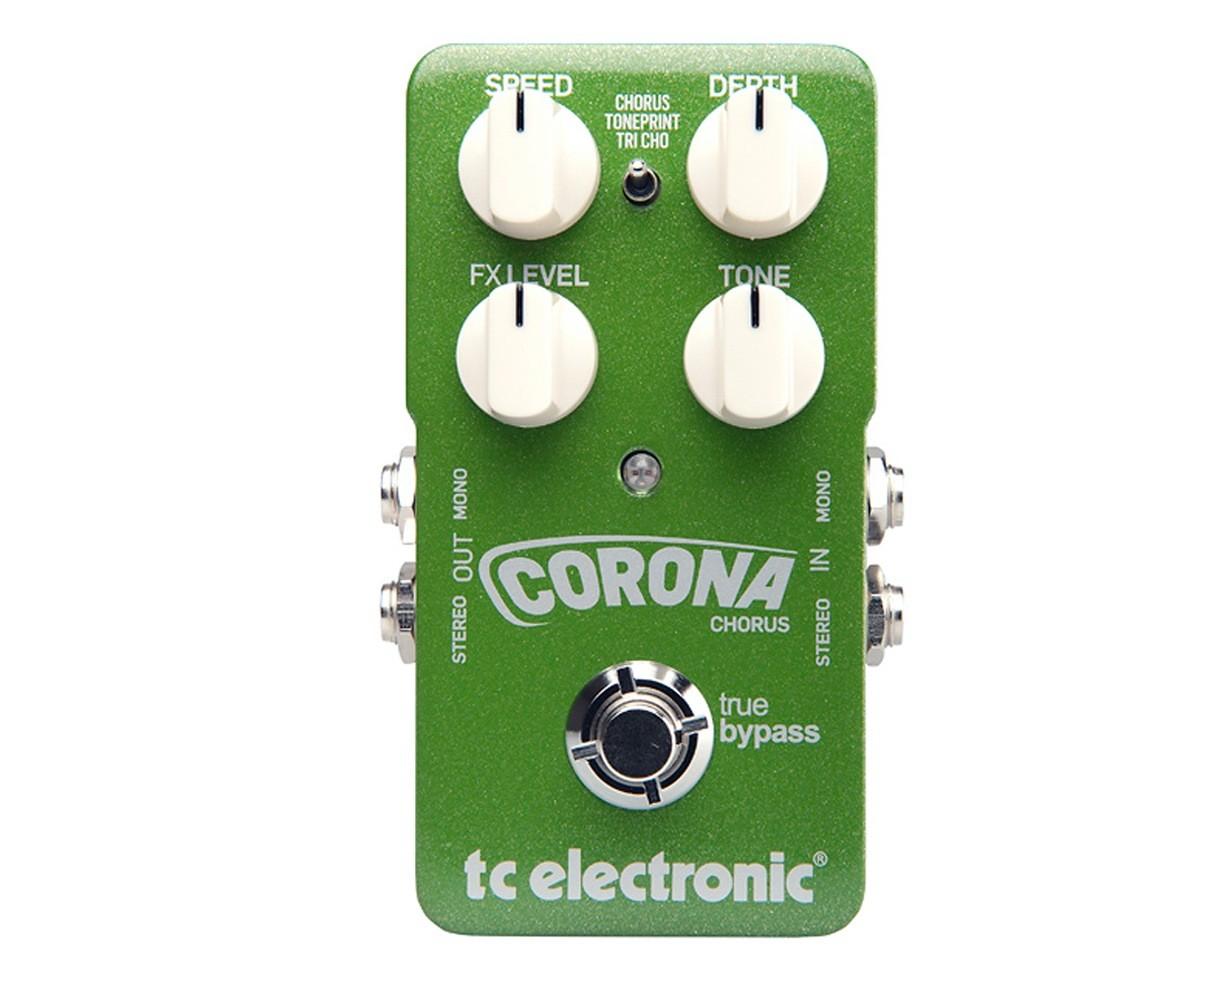 TCE-CORONAC